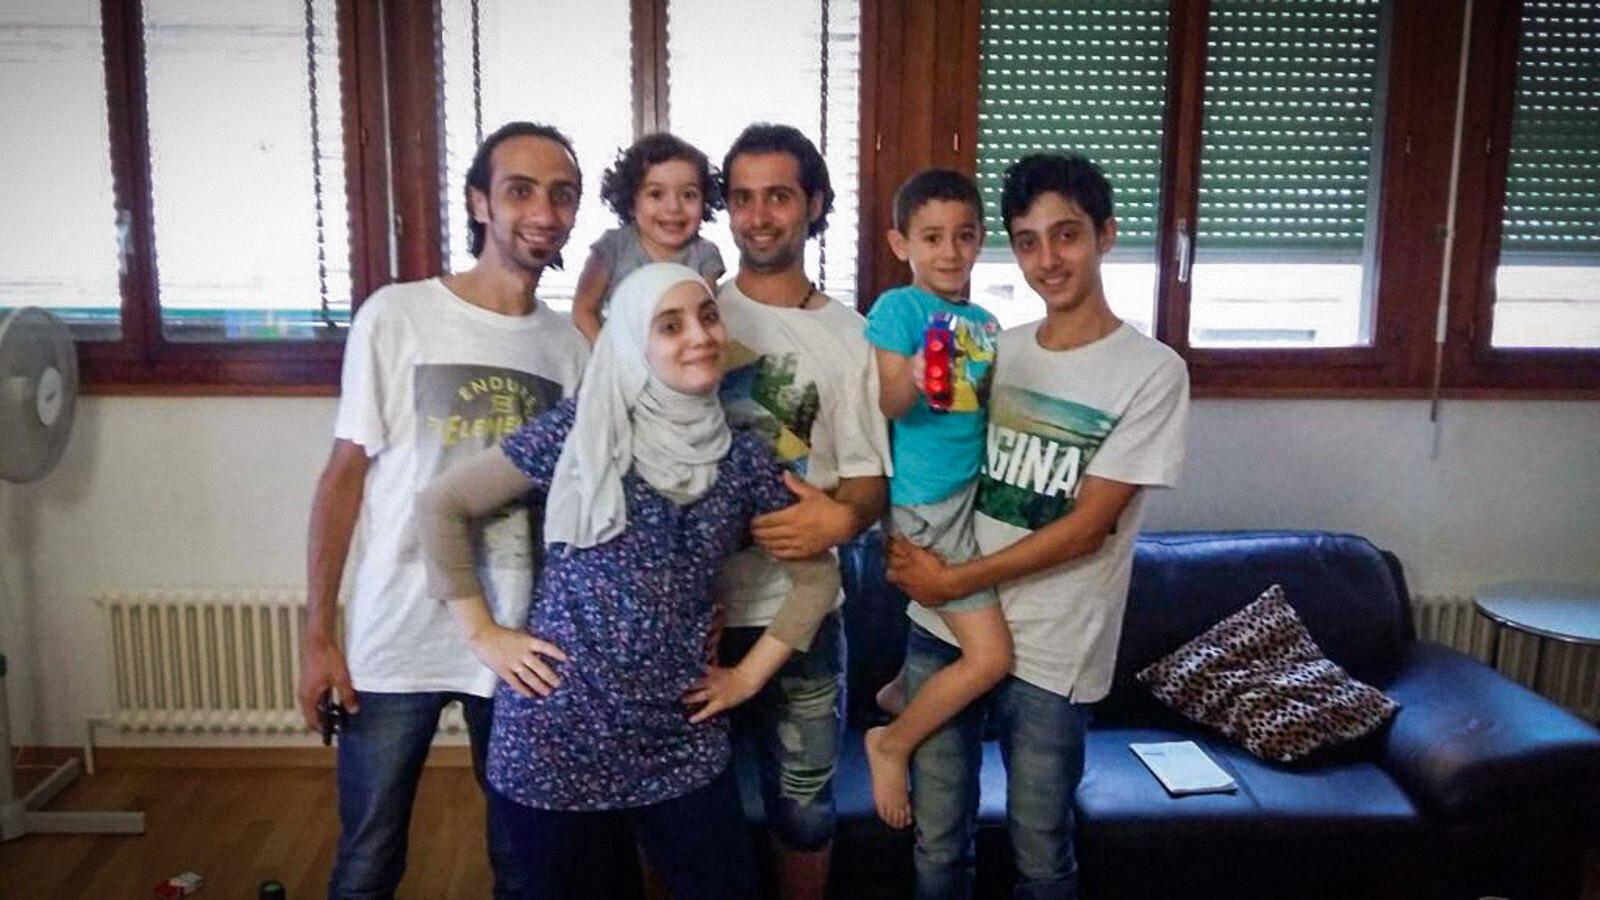 وصل نديم وإخوته إلى سويسرا في أغسطس 2015 وسرعان ما تم لم شملهم مع شقيقتهم التي كانت تعيش بالفعل في جنيف.